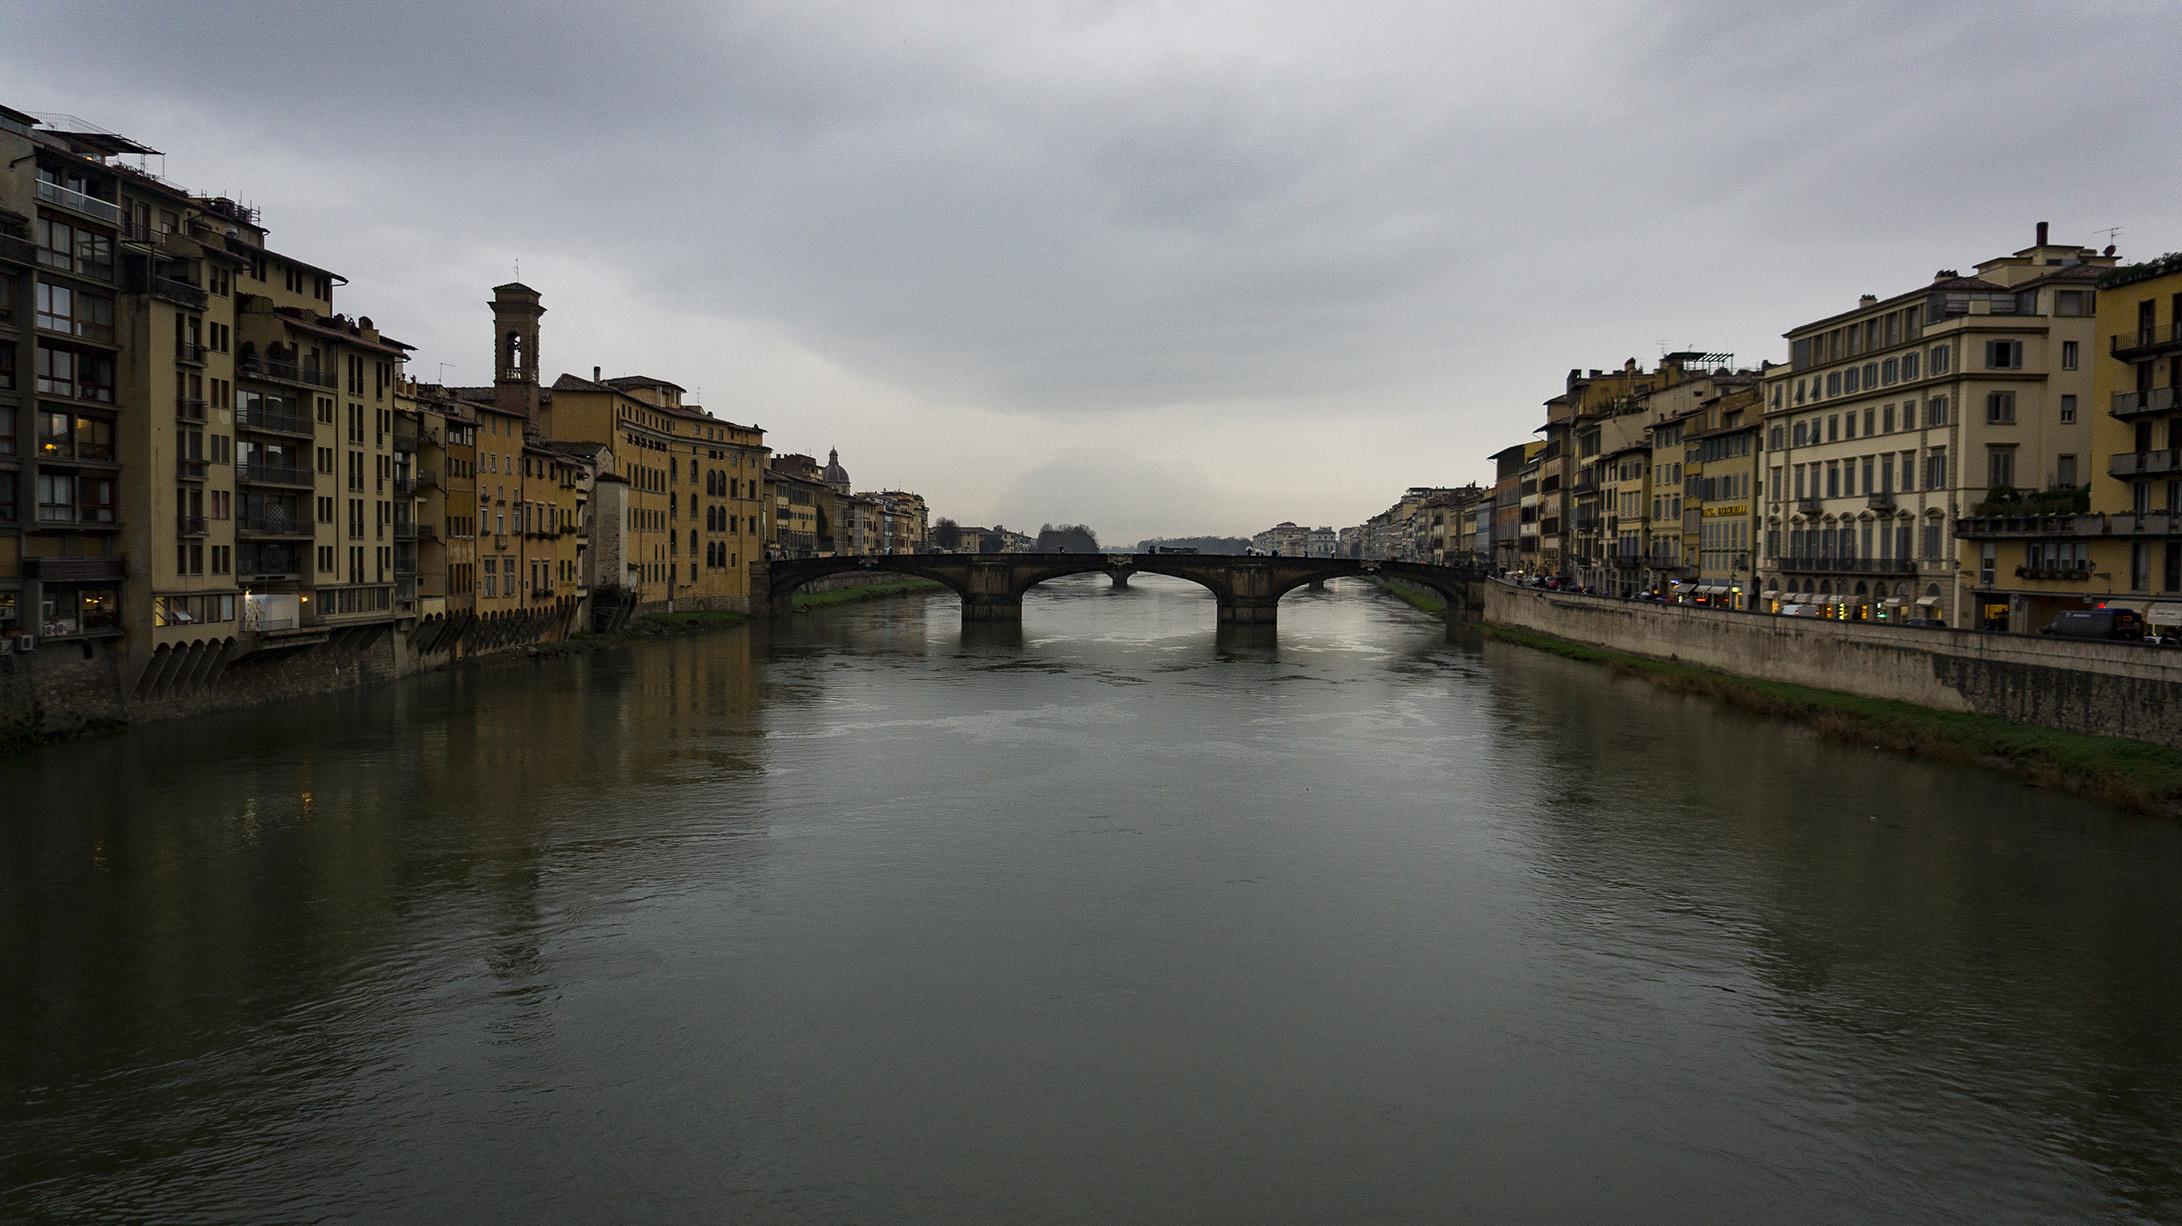 Достопримечательности Флоренции: Река Арно